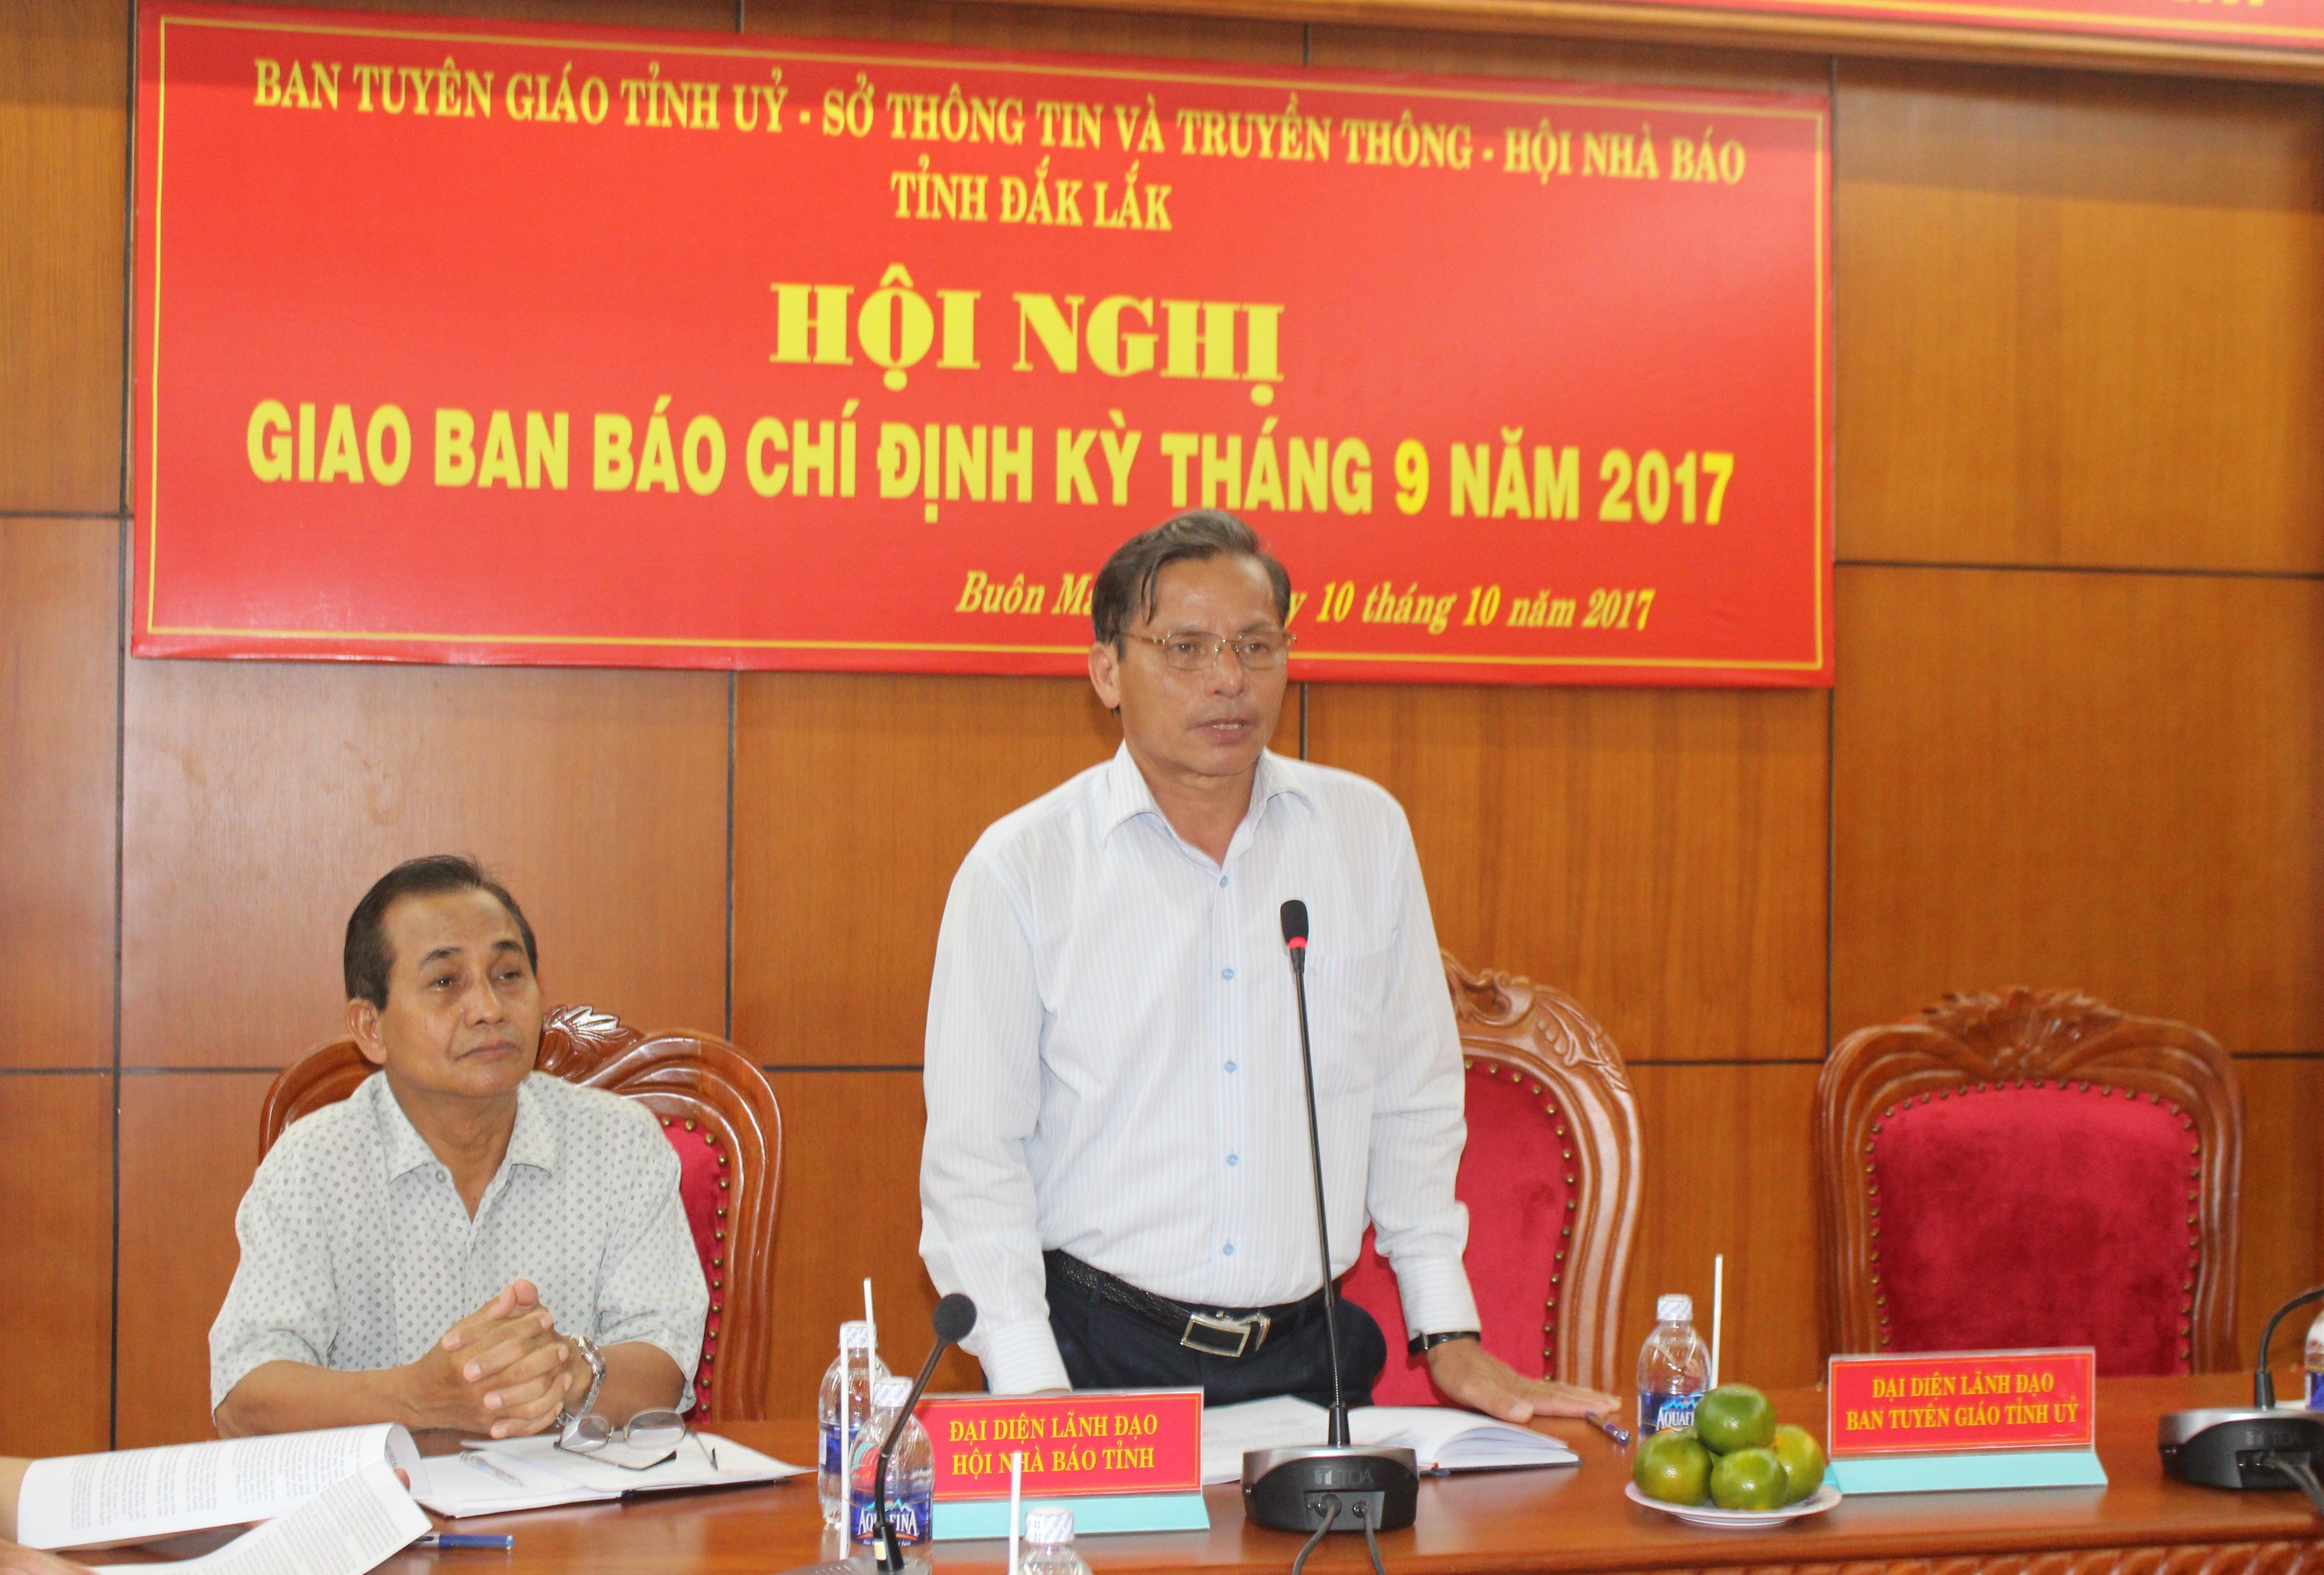 Hội nghị giao ban báo chí định kỳ tháng 9/2017